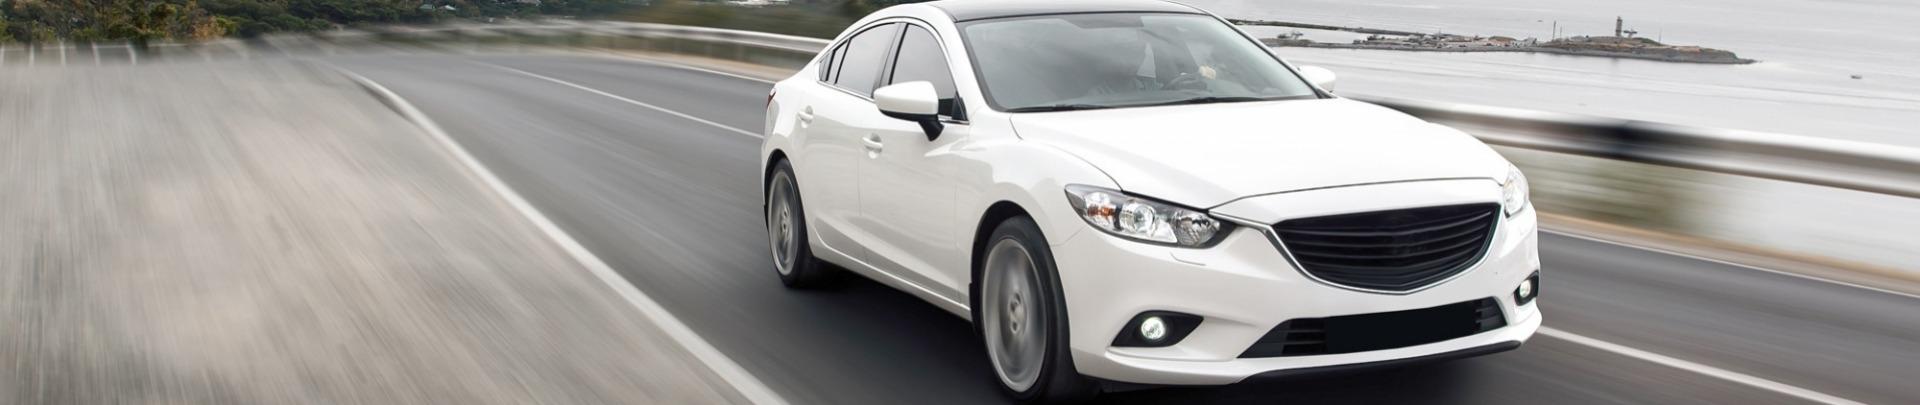 Witte auto rijdt op de weg